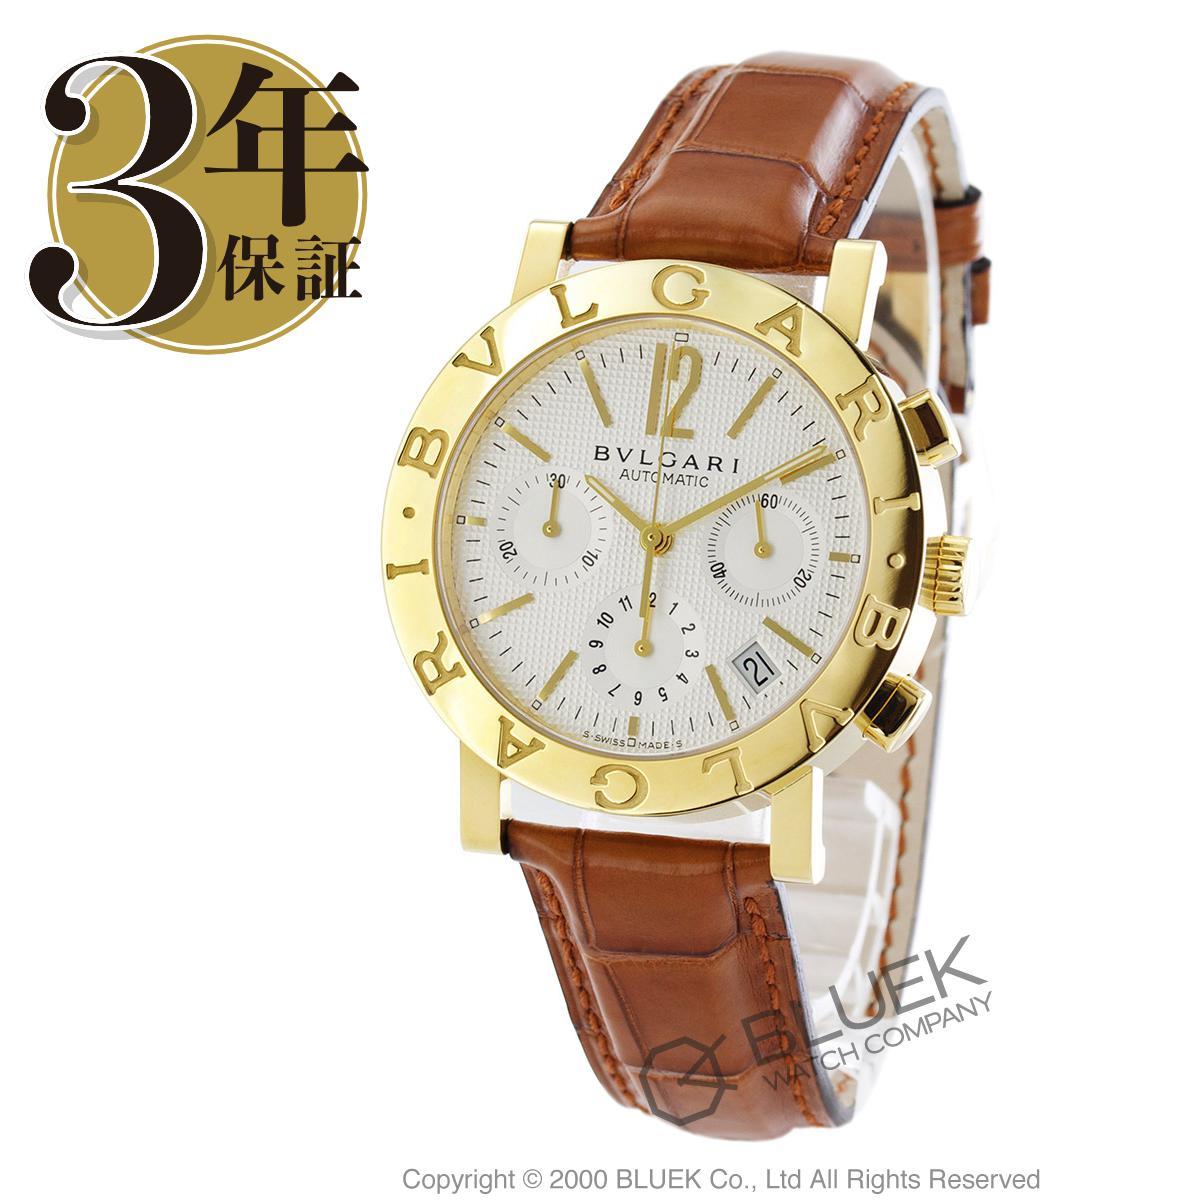 ブルガリ ブルガリブルガリ クロノグラフ YG金無垢 アリゲーターレザー 腕時計 メンズ BVLGARI BB38WGLDCH_8